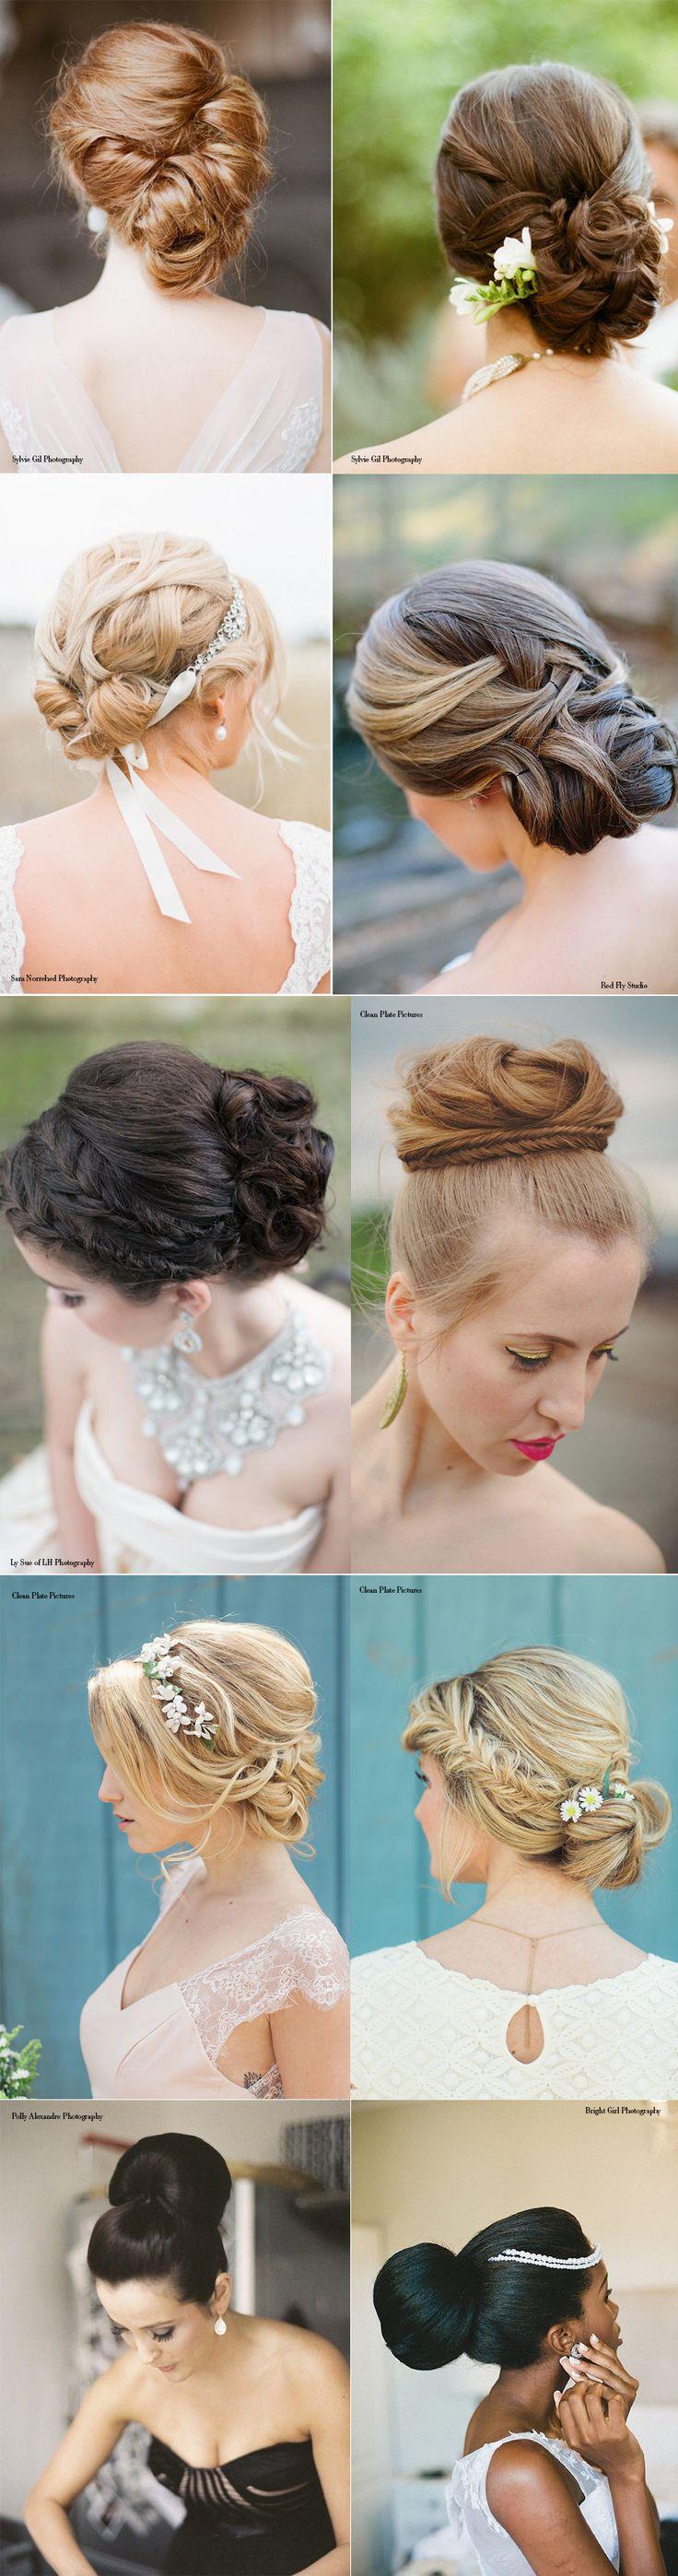 32 Penteados Lindos e Modernos | Mariée: Inspiração para Noivas e Casamentos